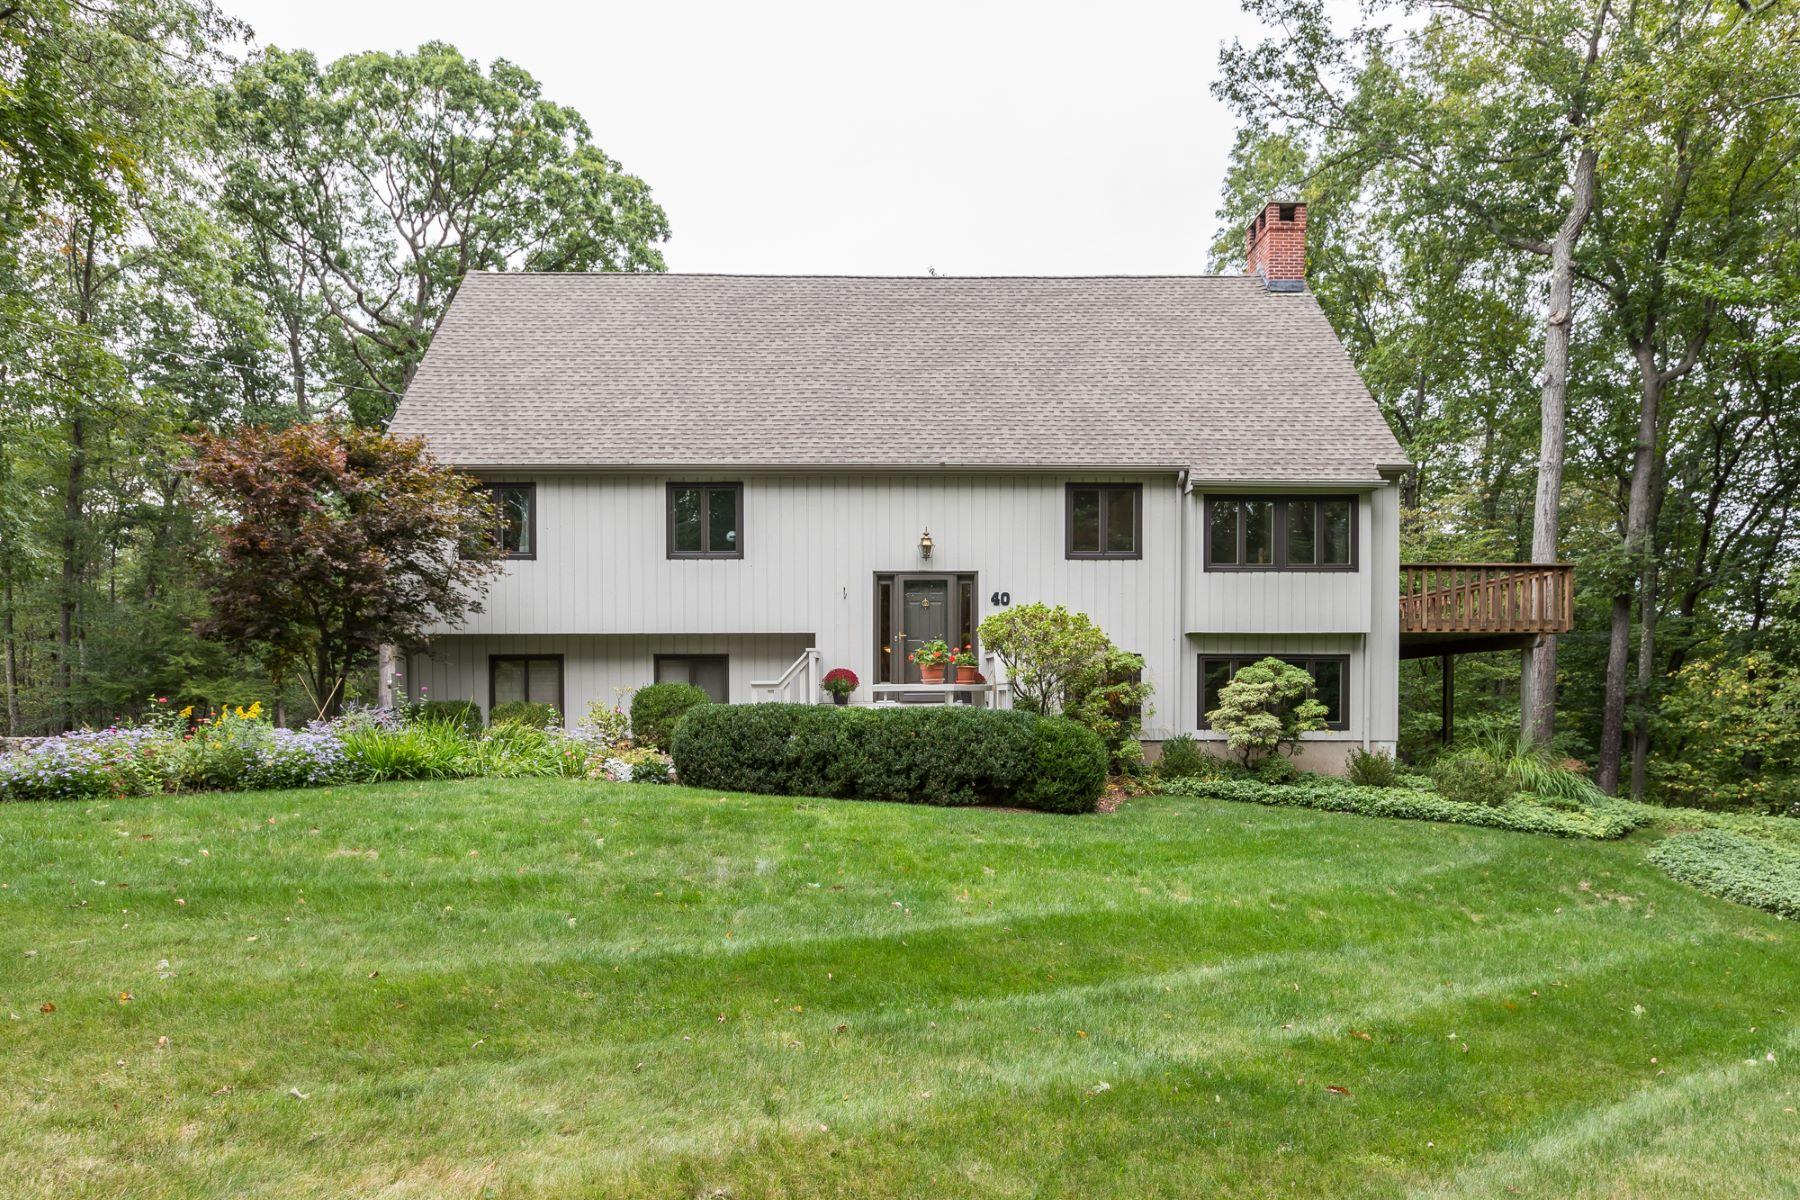 단독 가정 주택 용 매매 에 Dramatic Contemporary 40 Beechwood Lane, Ridgefield, 코네티컷, 06877 미국